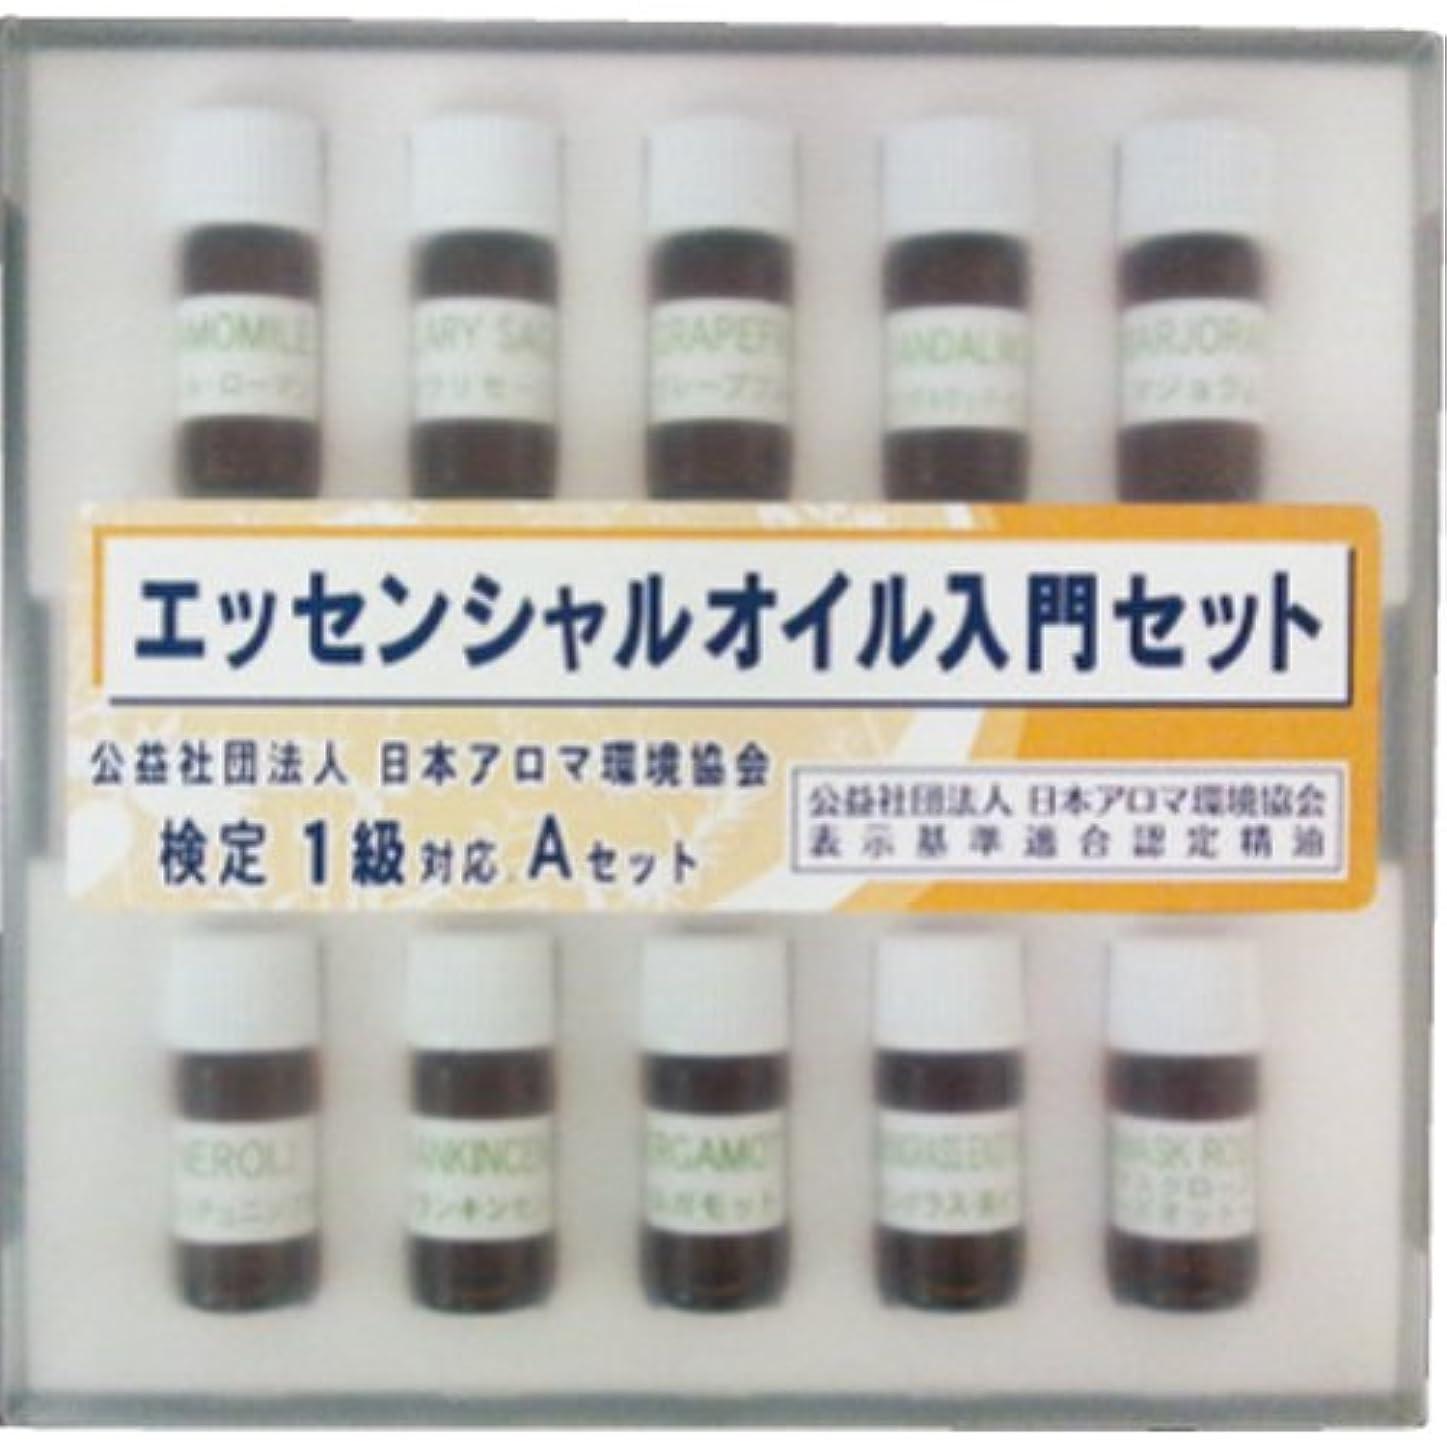 ショッキング驚帆生活の木 (公社)日本アロマ環境協会資格試験対応セット 検定1級対応Aセット